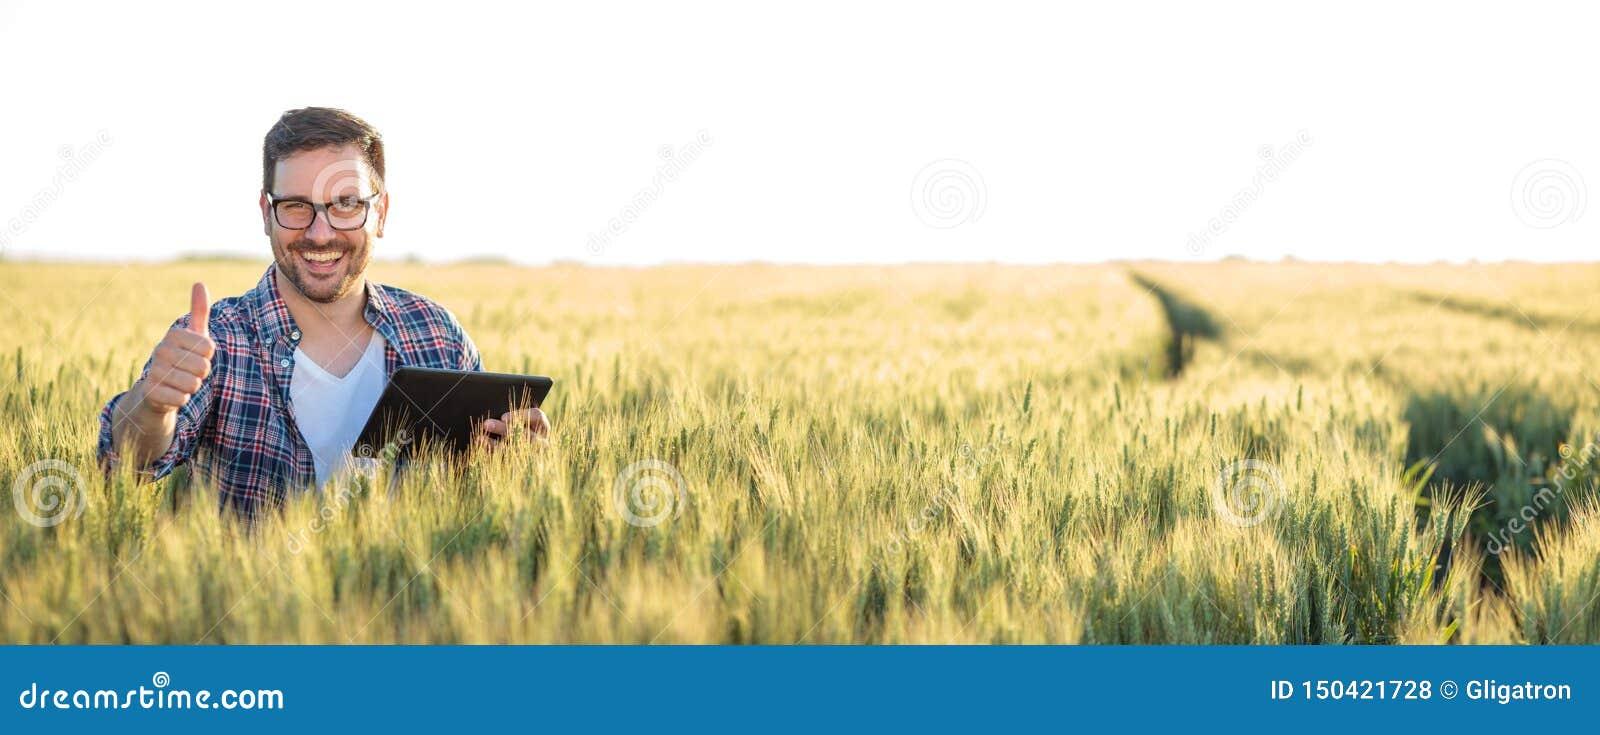 Giovane agricoltore o agronomo felice sorridente che utilizza una compressa in un giacimento di grano Mostrando il pollice in su